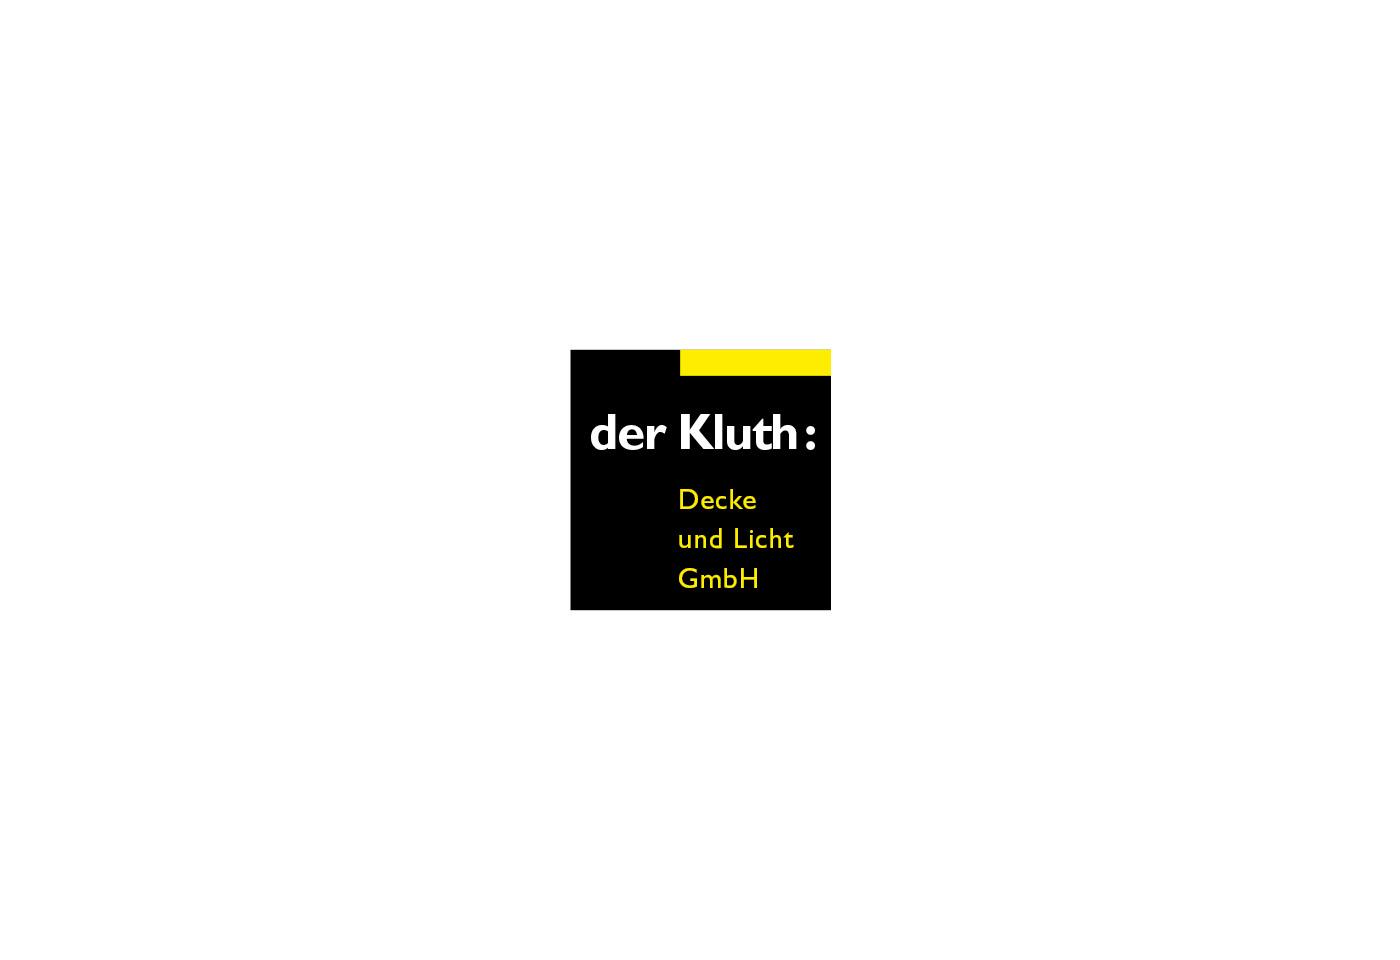 der Kluth – Decke und Licht GmbH